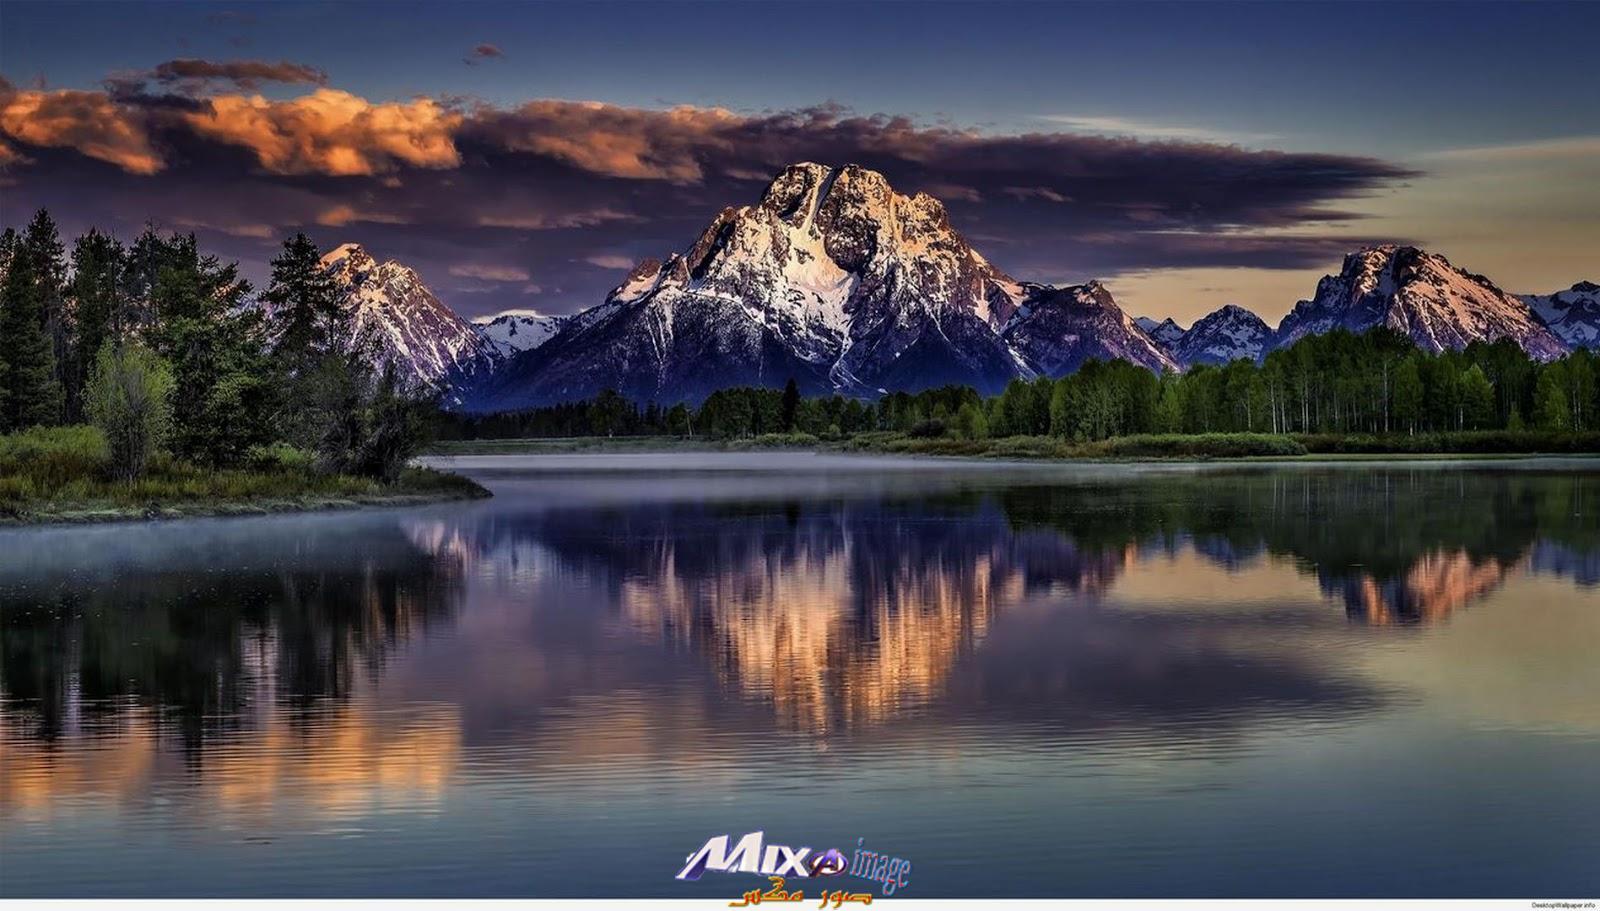 صور خلفيات HD متنوعة 2020 خلفيات طبيعية 2020 صور خلفيات جميلة بحر وسماء 28